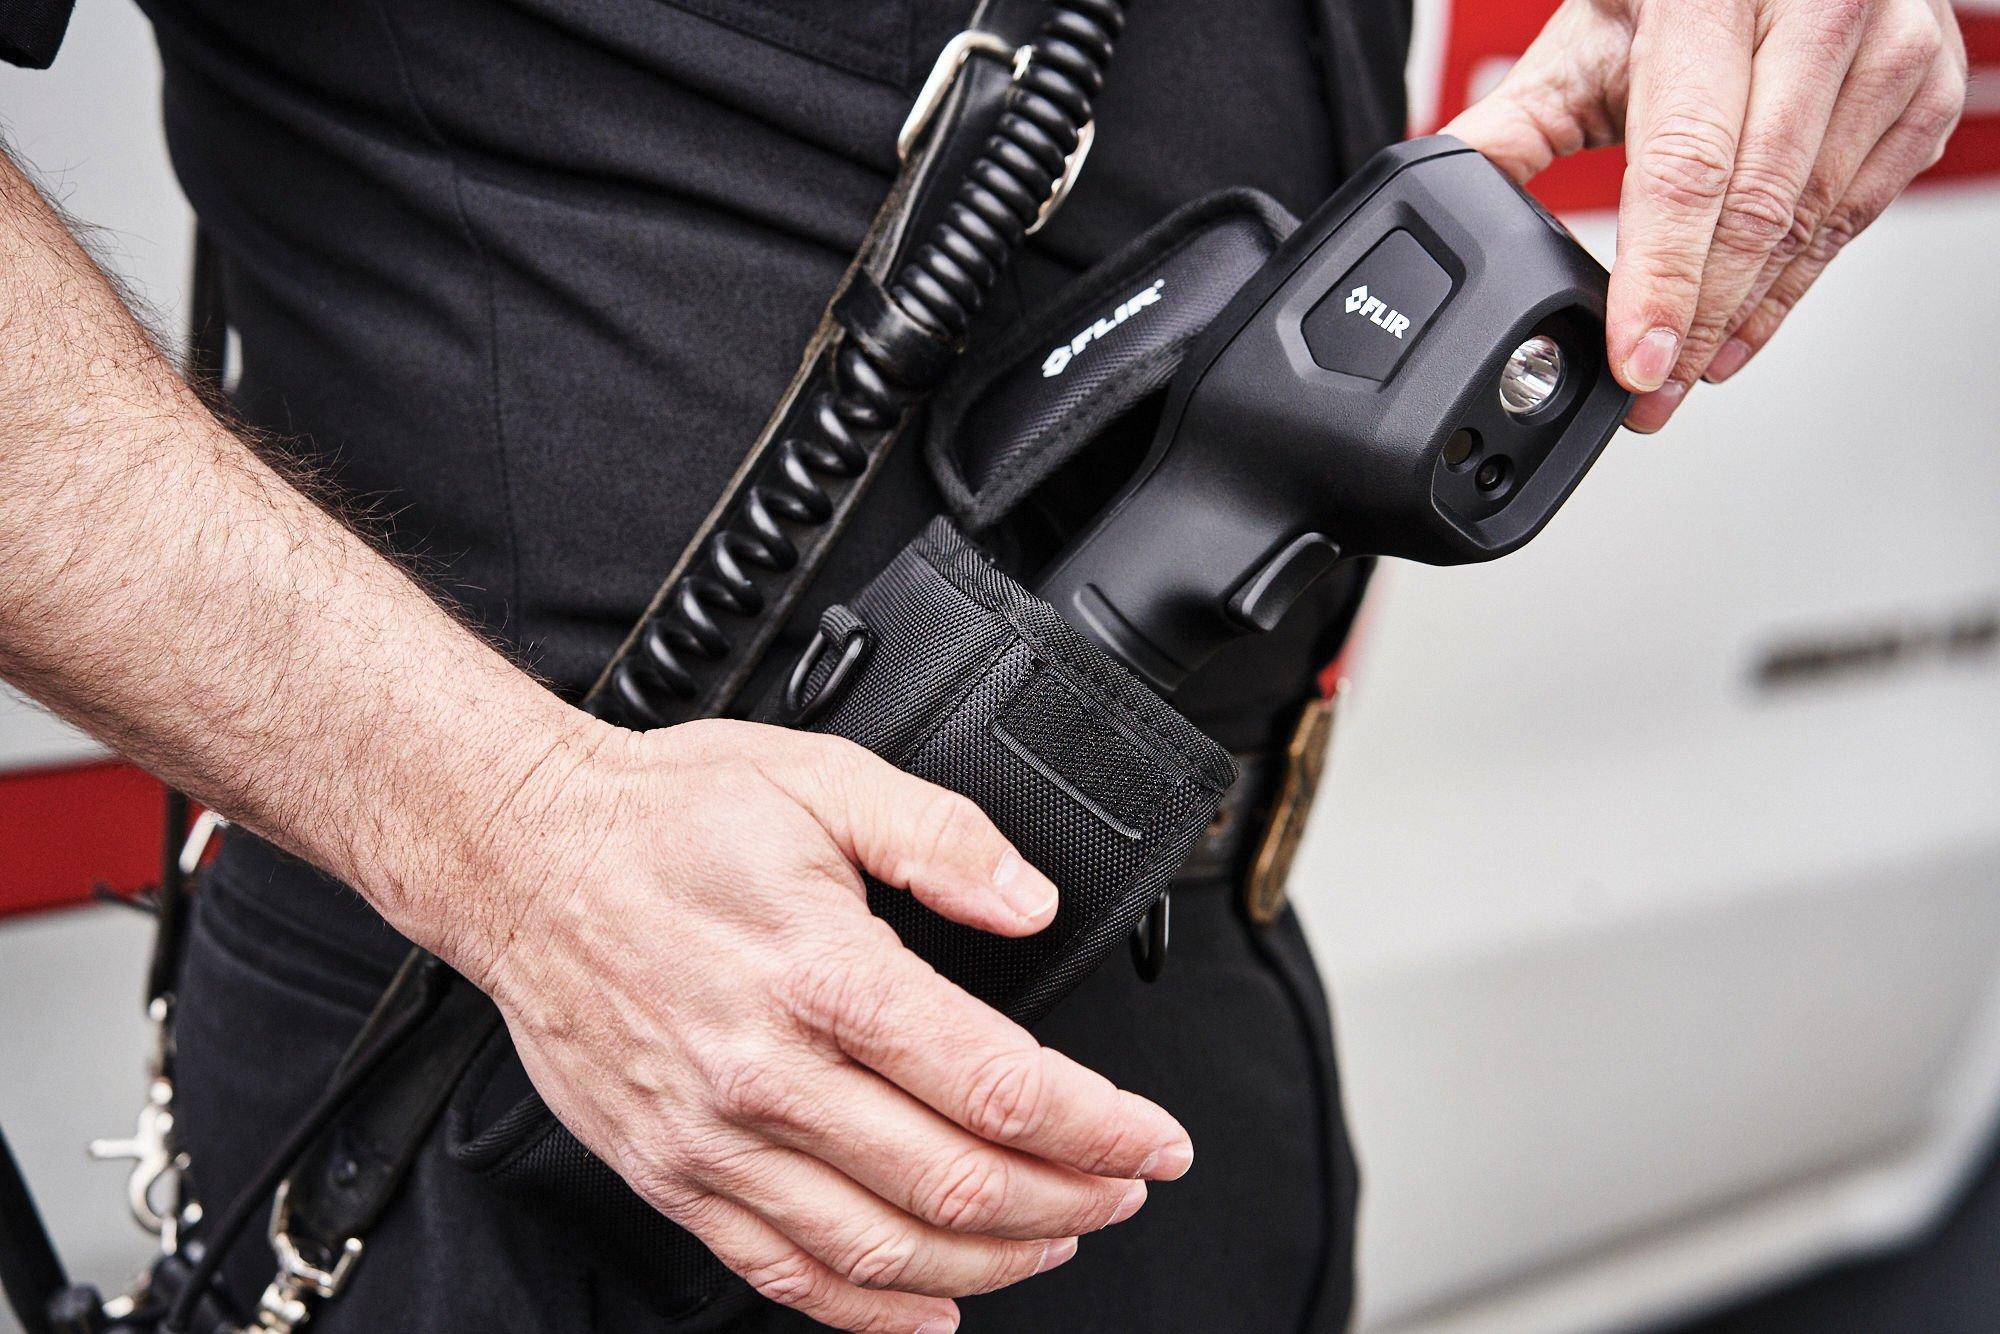 FLIR K1 includes tactical pouch